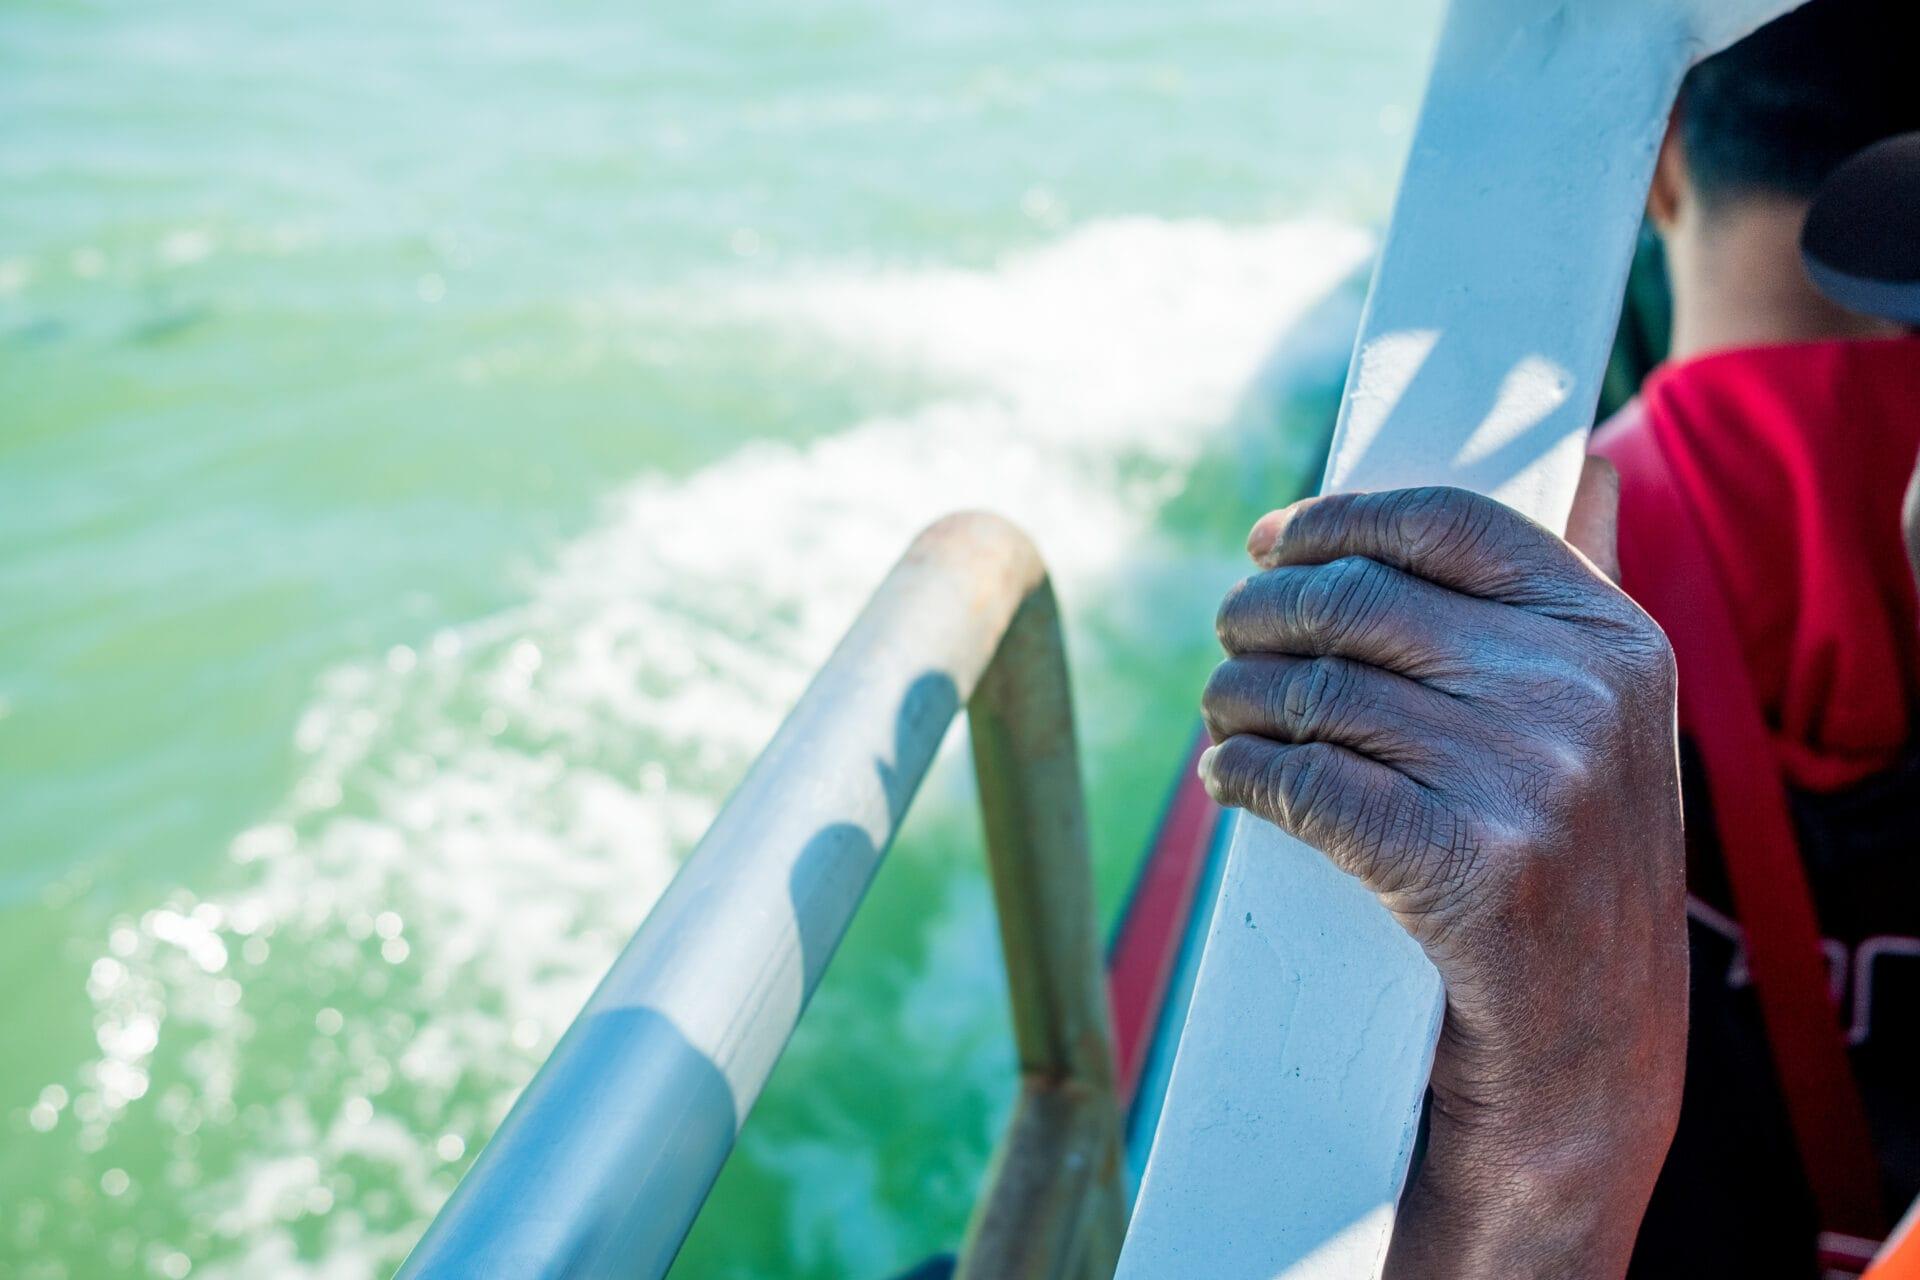 Flüchtling auf Flüchtlingsboot